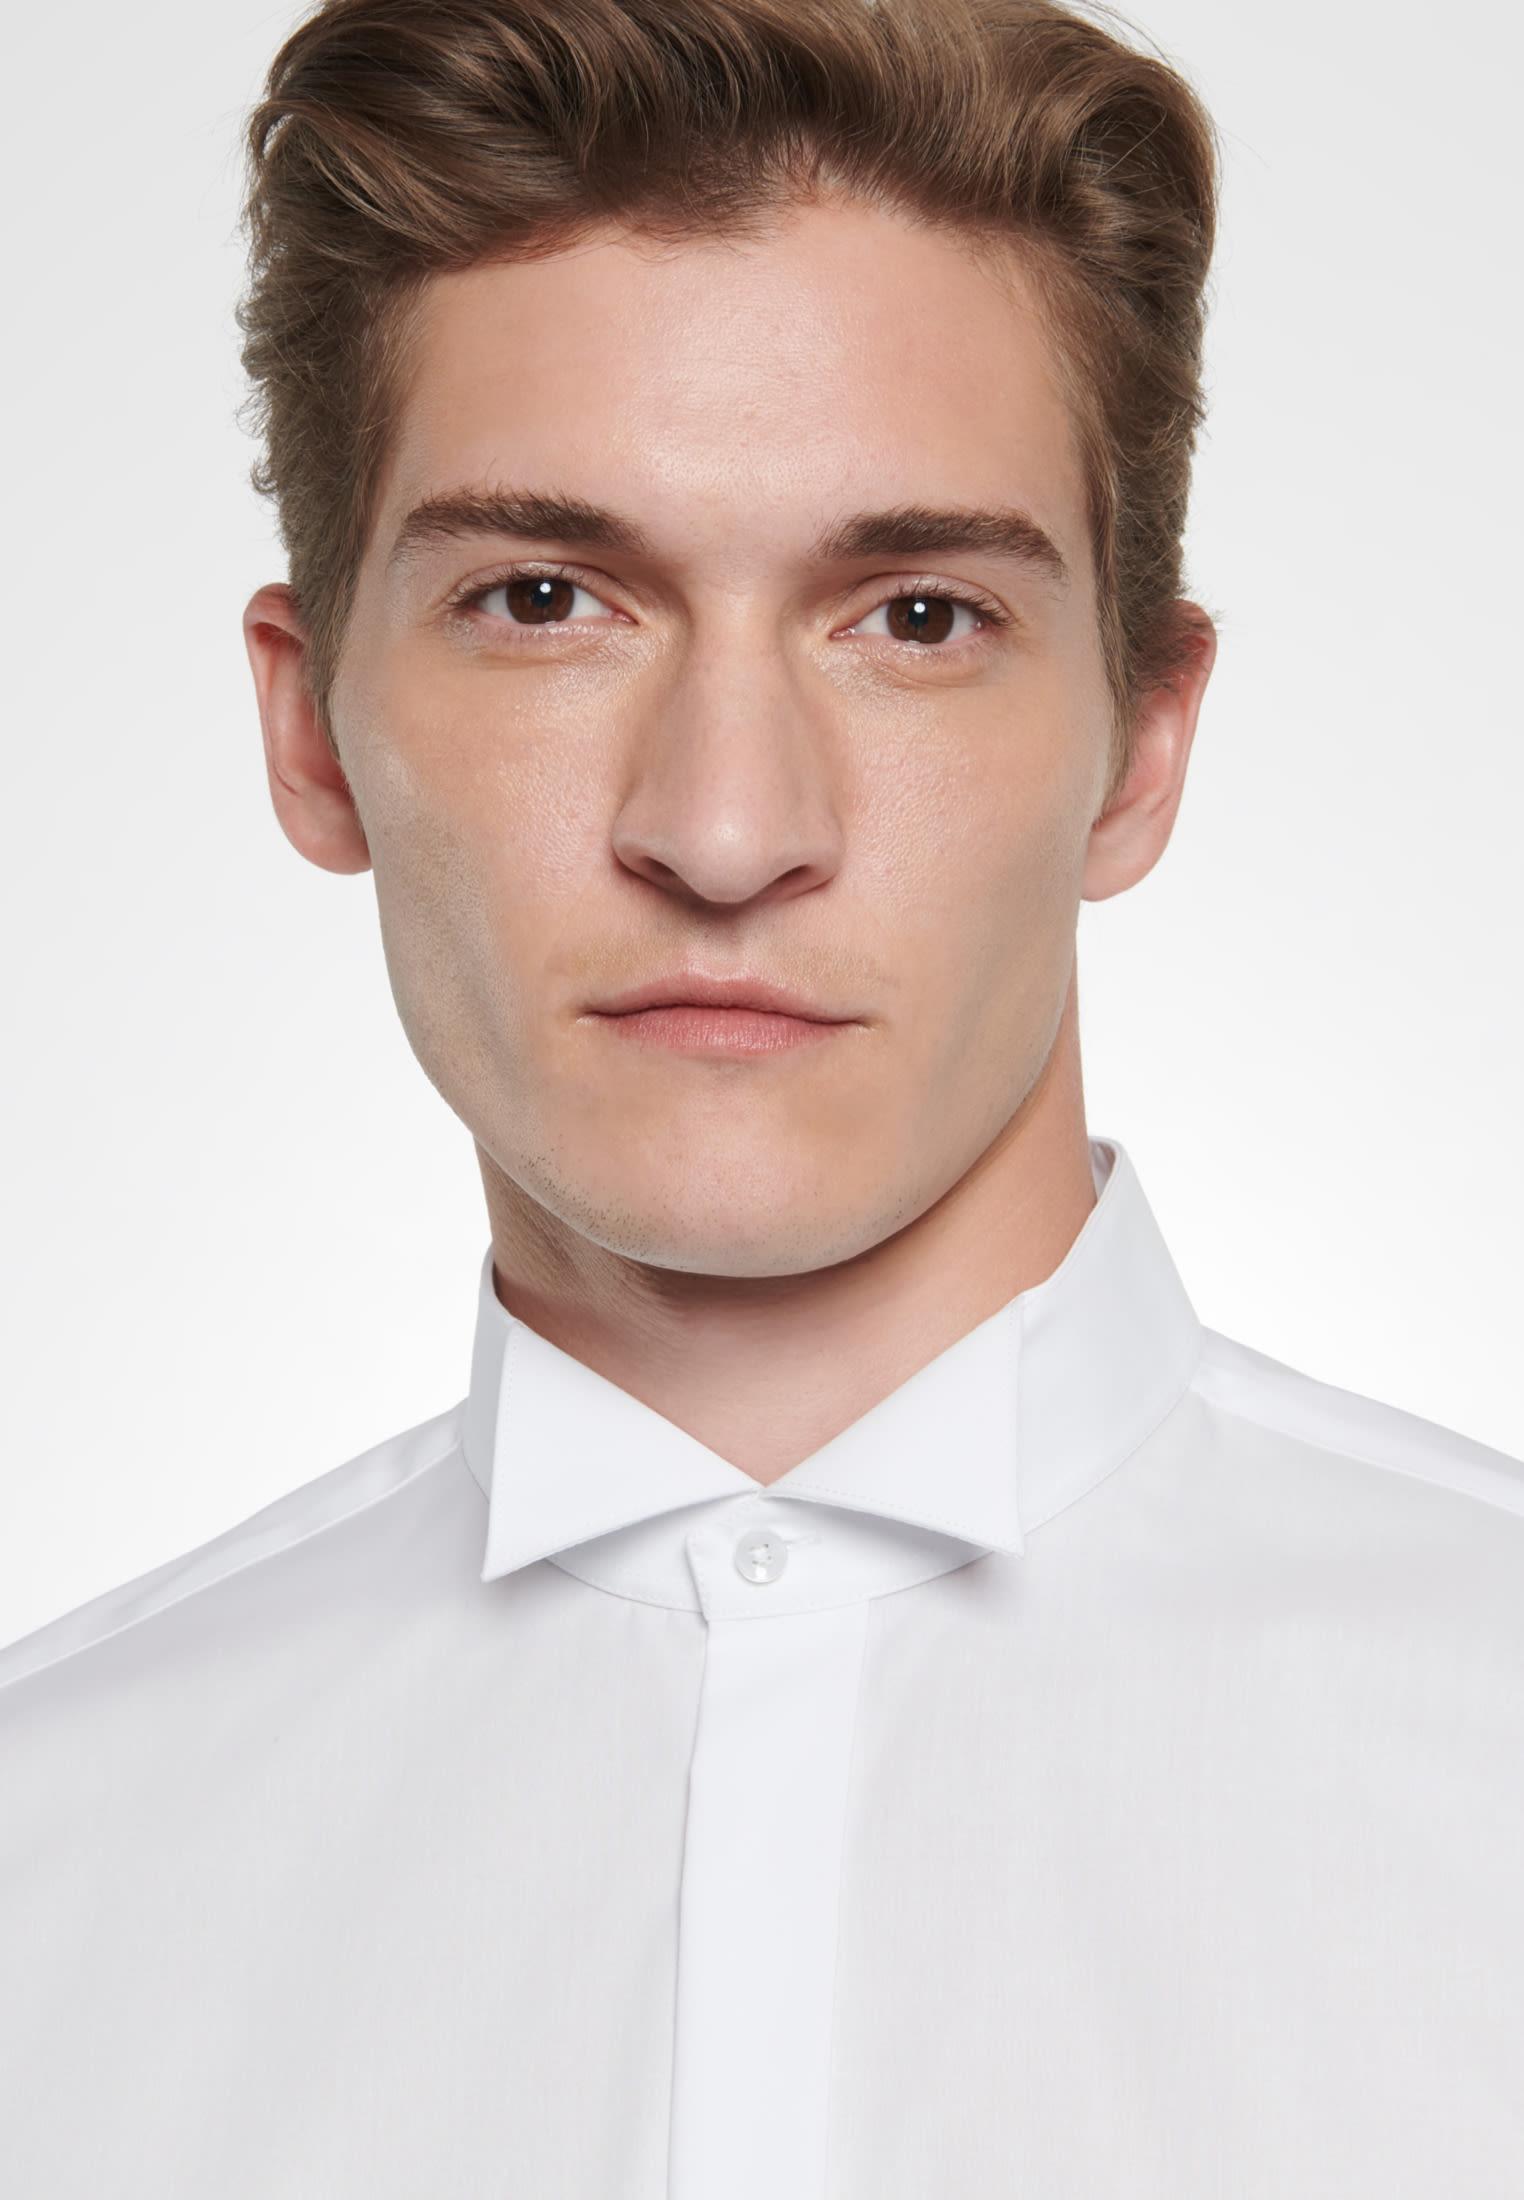 Bügelfreies Popeline Smokinghemd in Slim mit Kläppchenkragen in Weiß |  Seidensticker Onlineshop